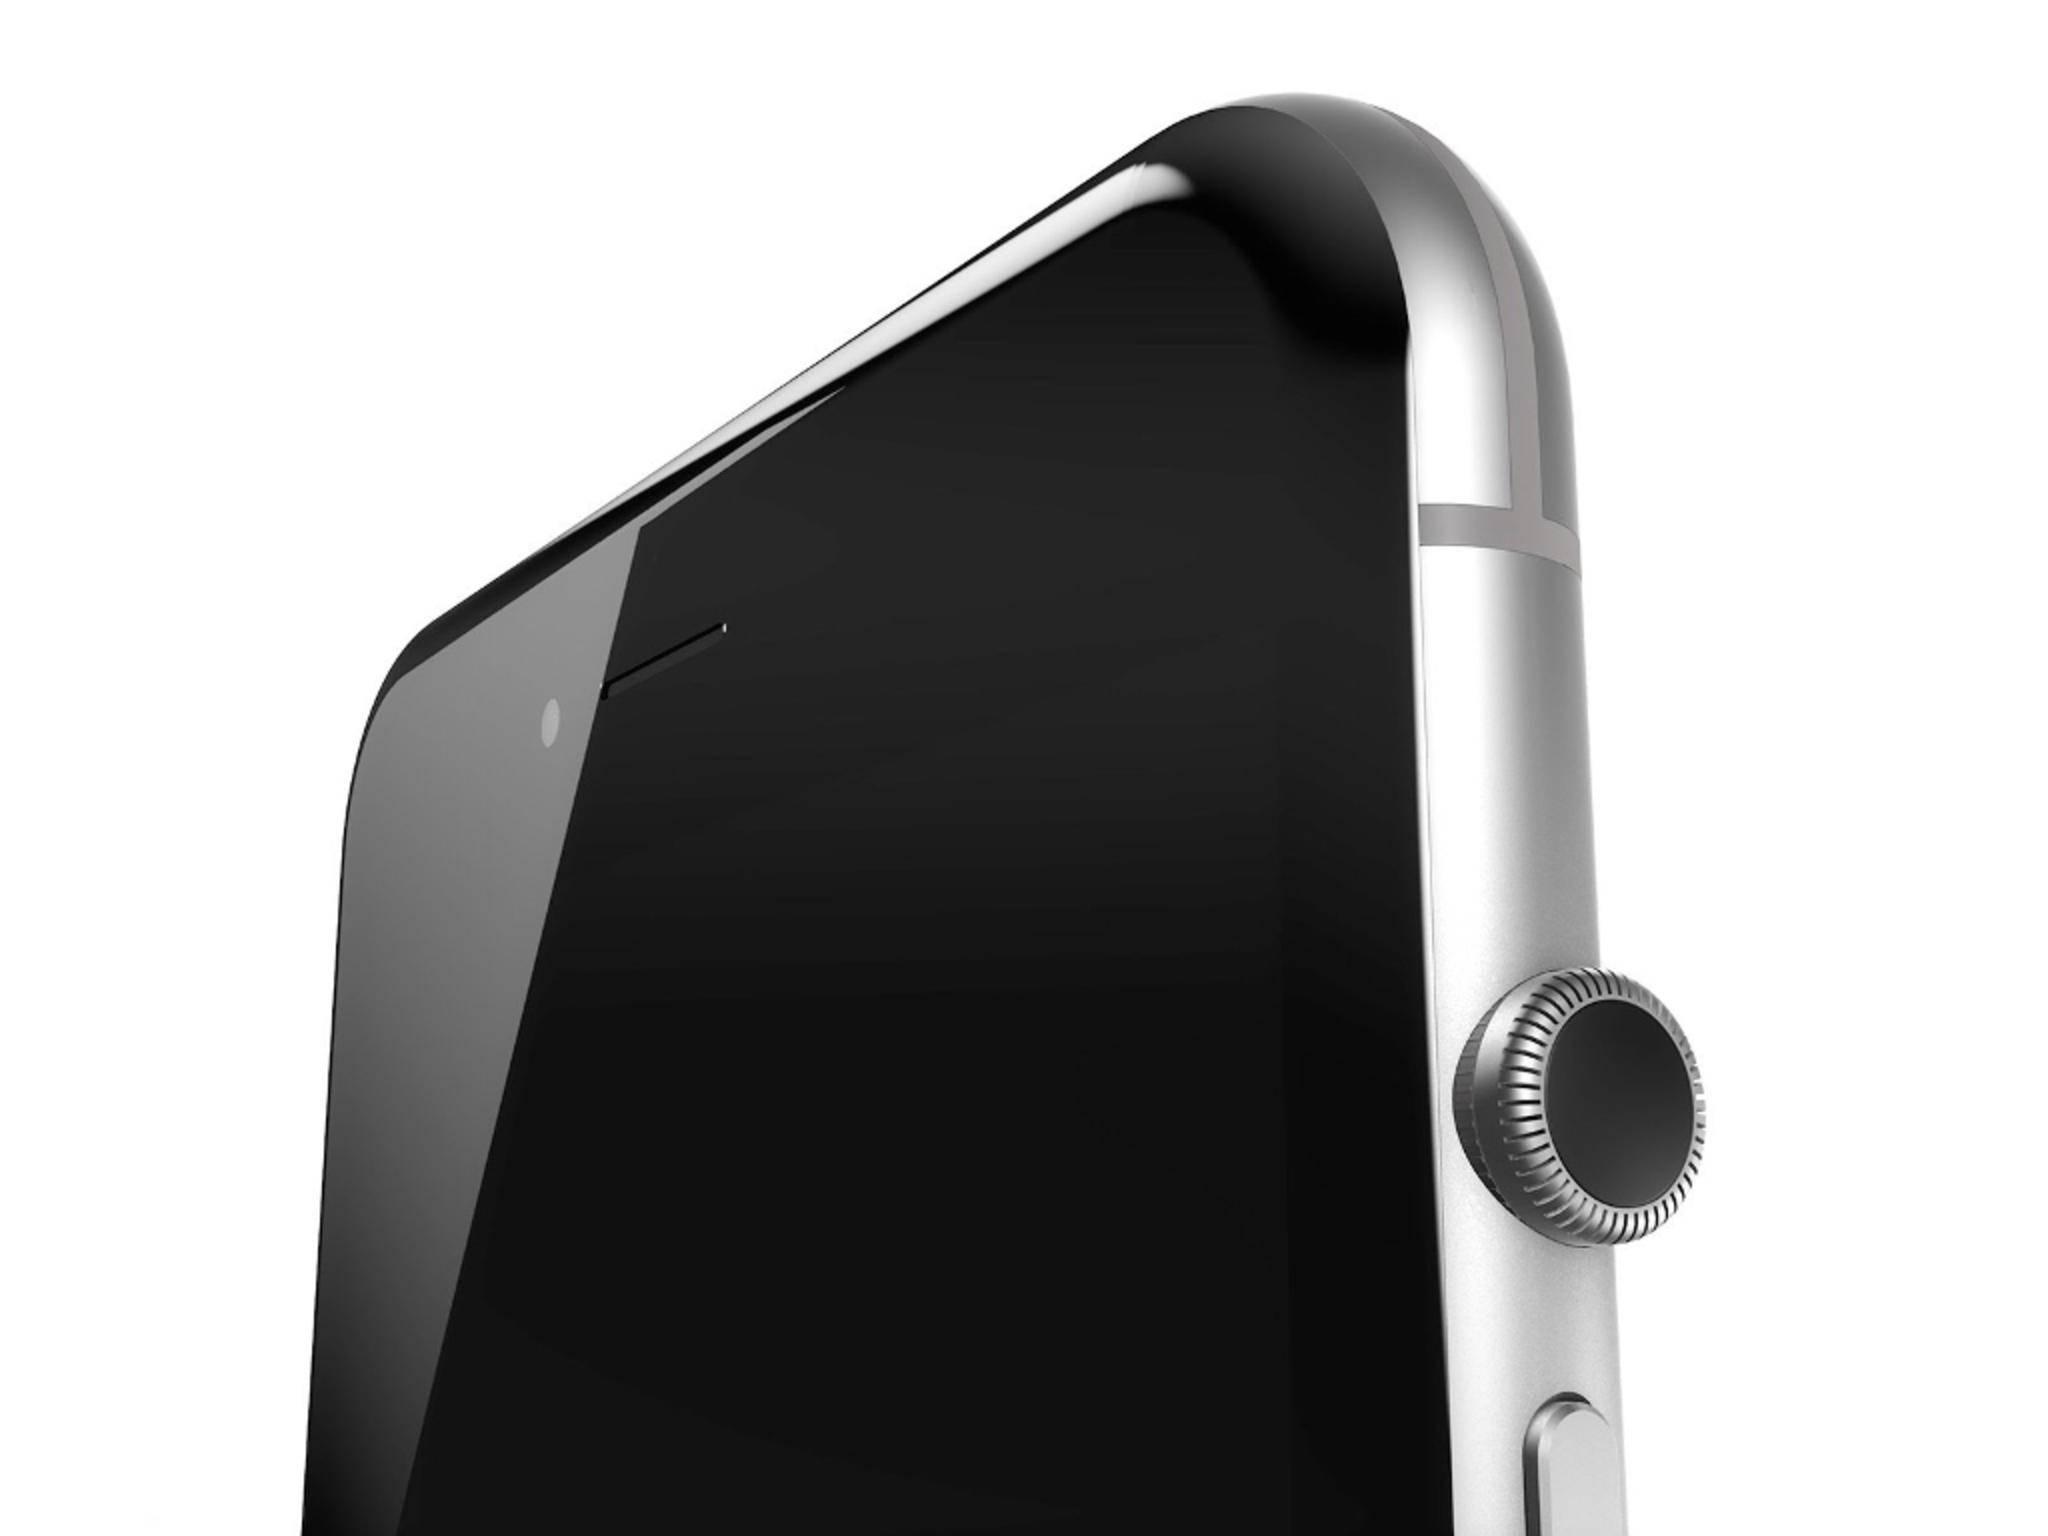 iPhone 7-Konzept mit Krone der Apple Watch.